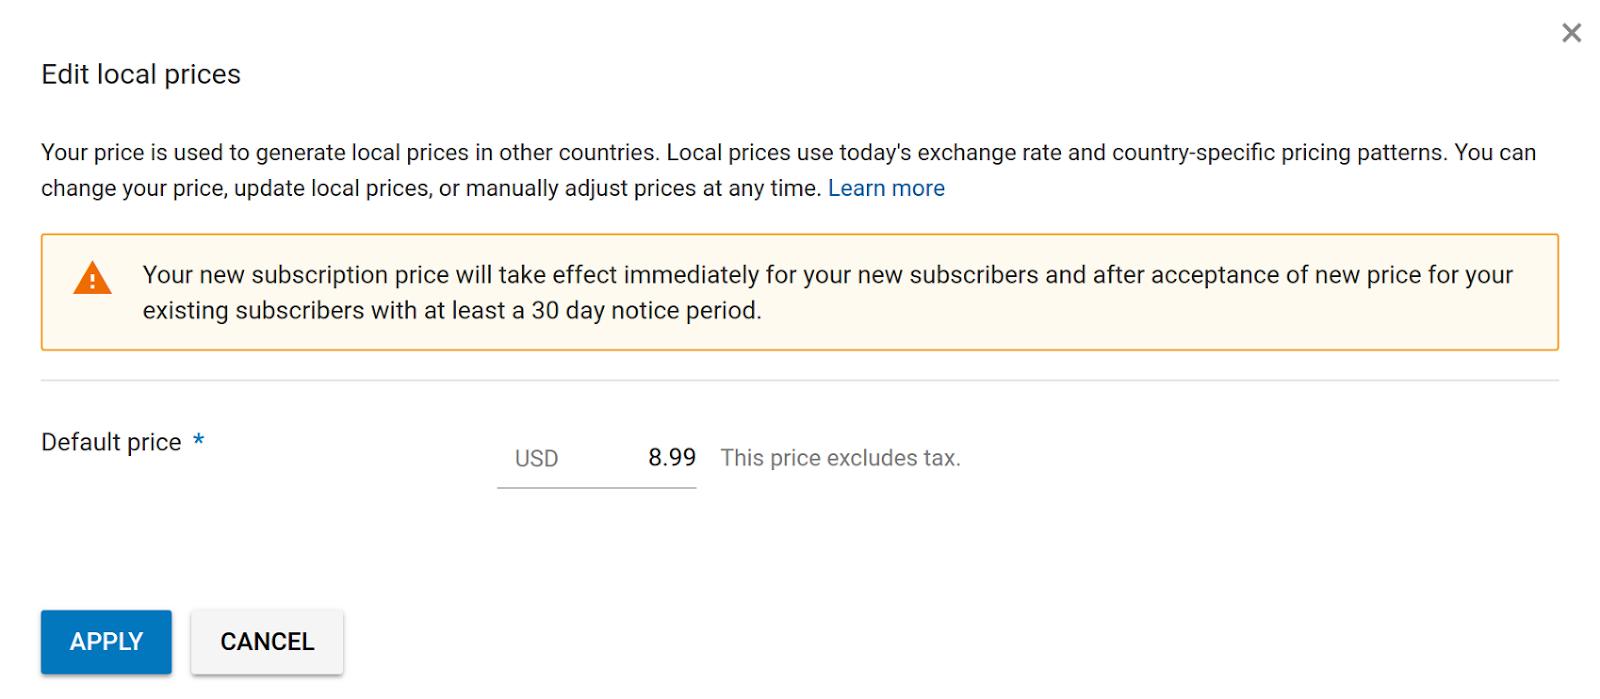 cuando editas el precio de la suscripción, aparece una advertencia